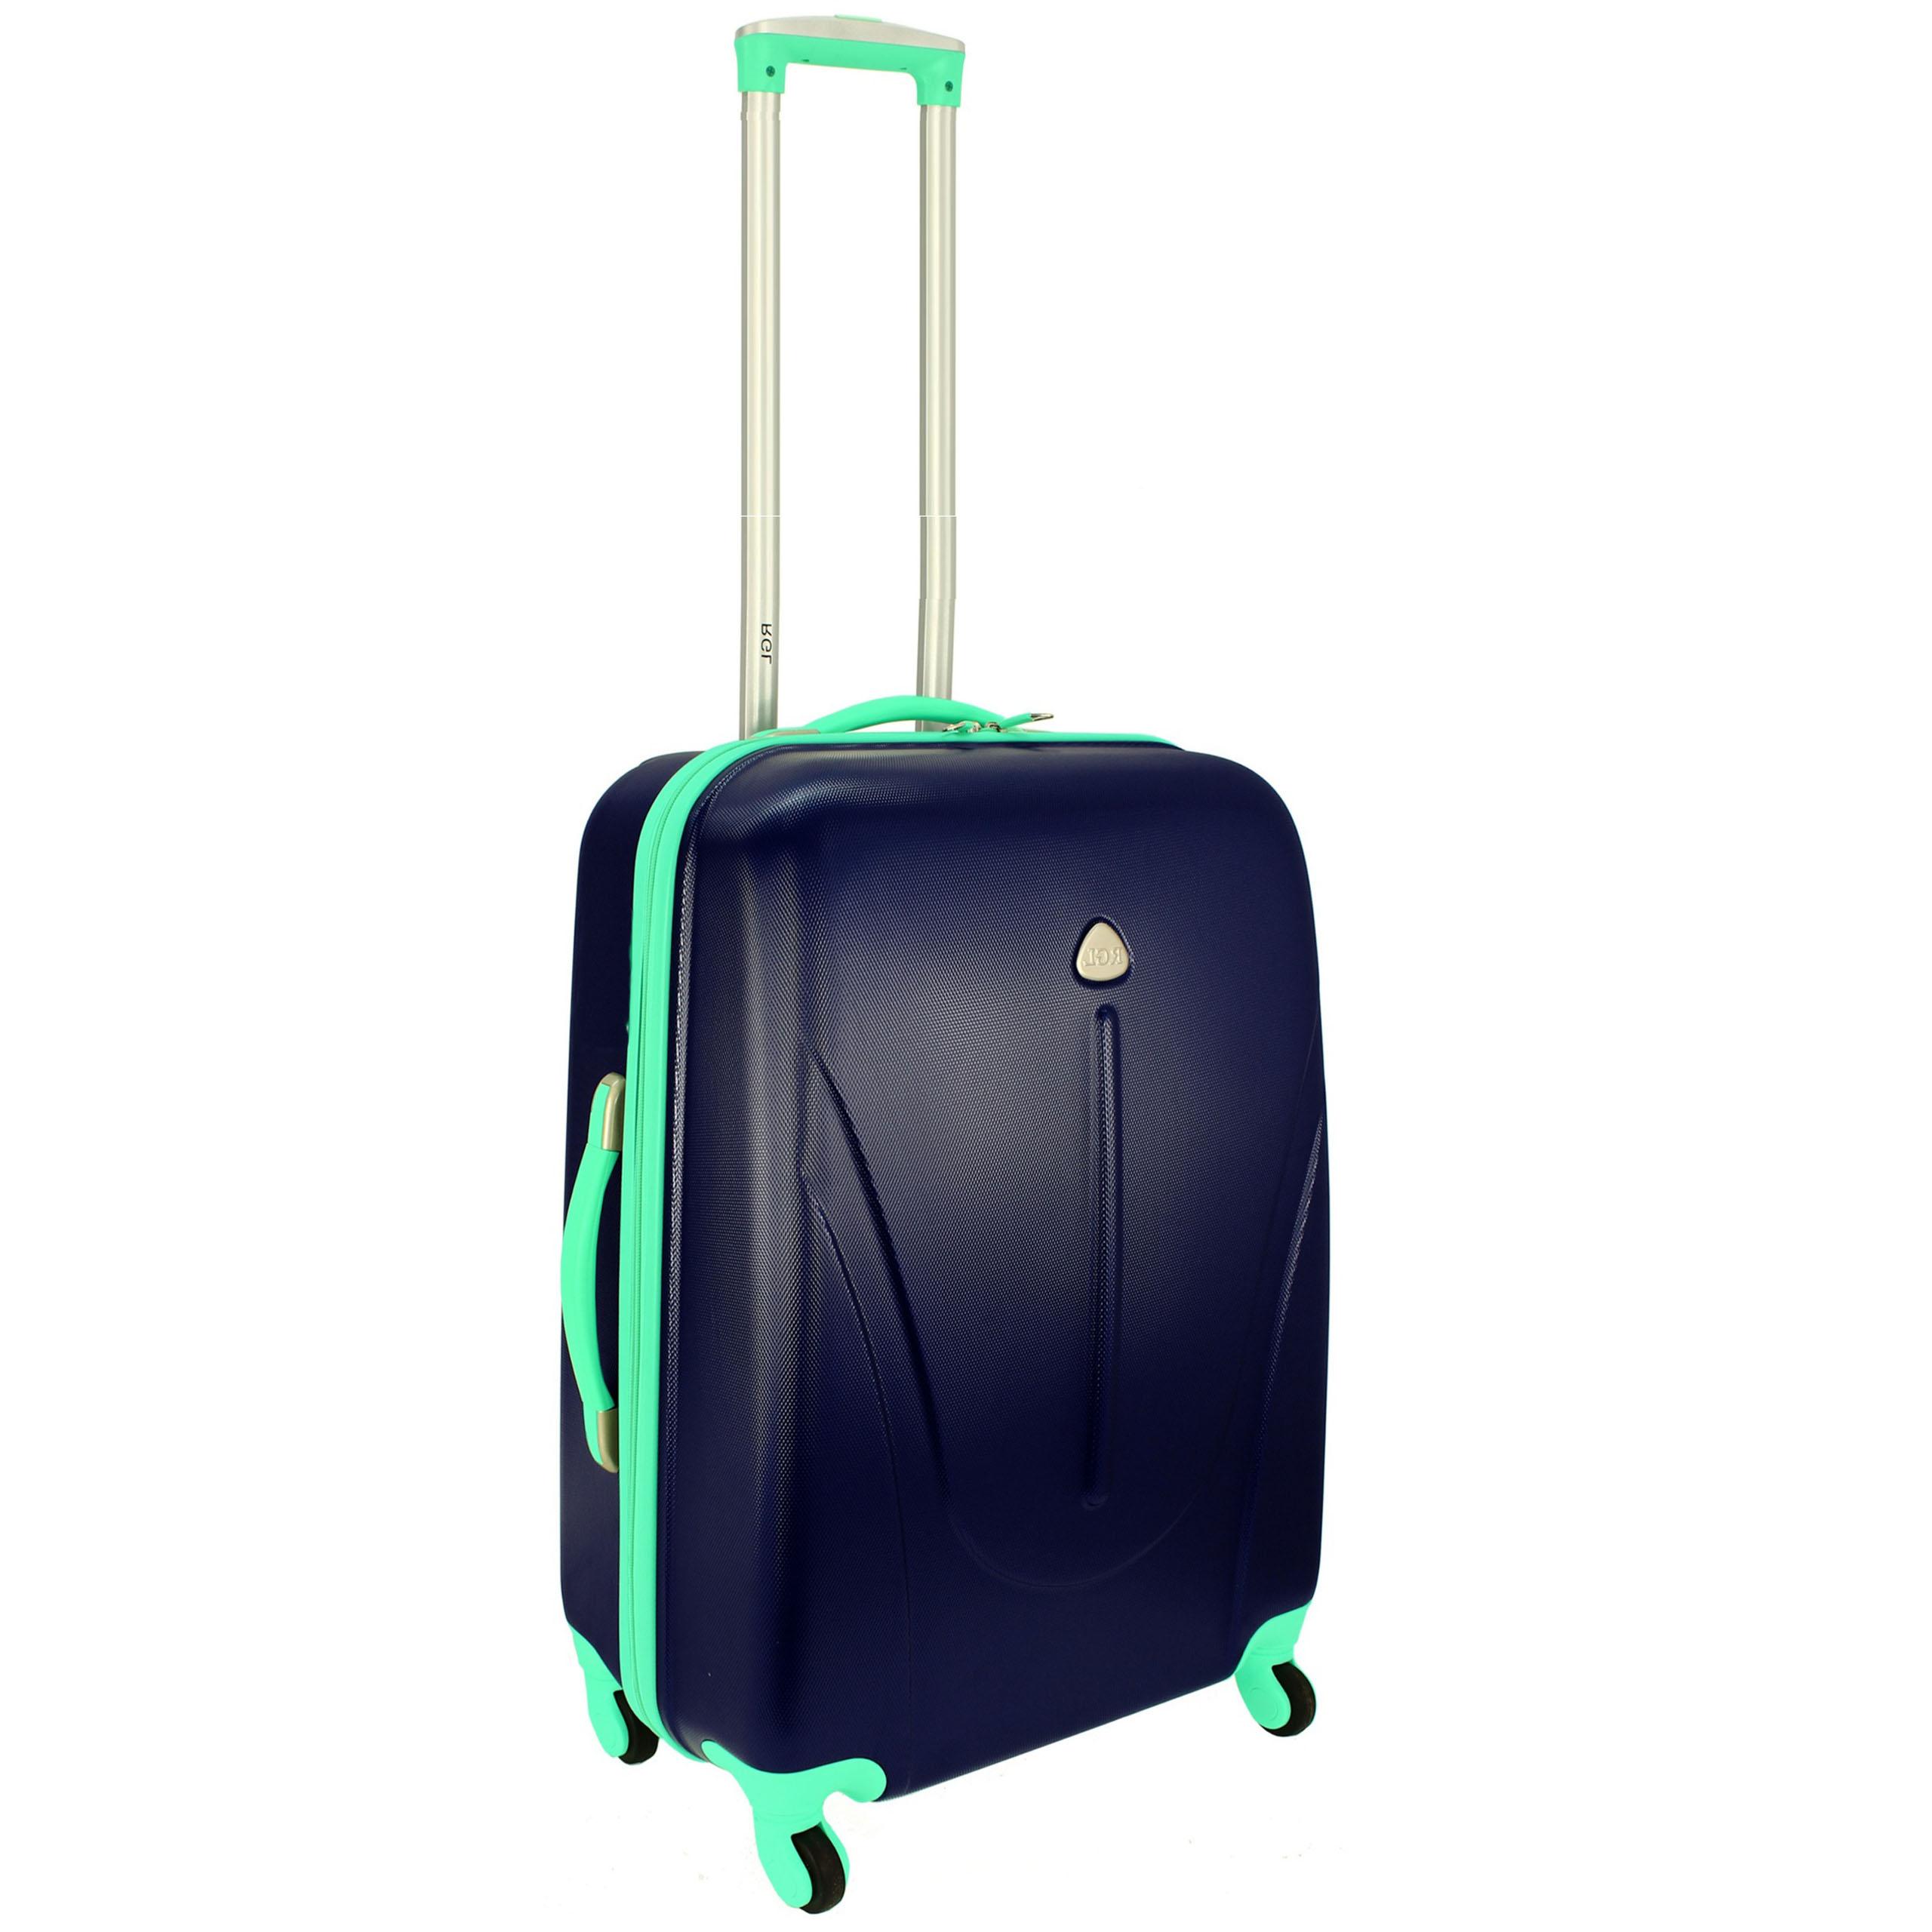 78285e2c8c80d 883 RGL walizka podróżna kabinowa bagaż podręczny - 7304646941 ...